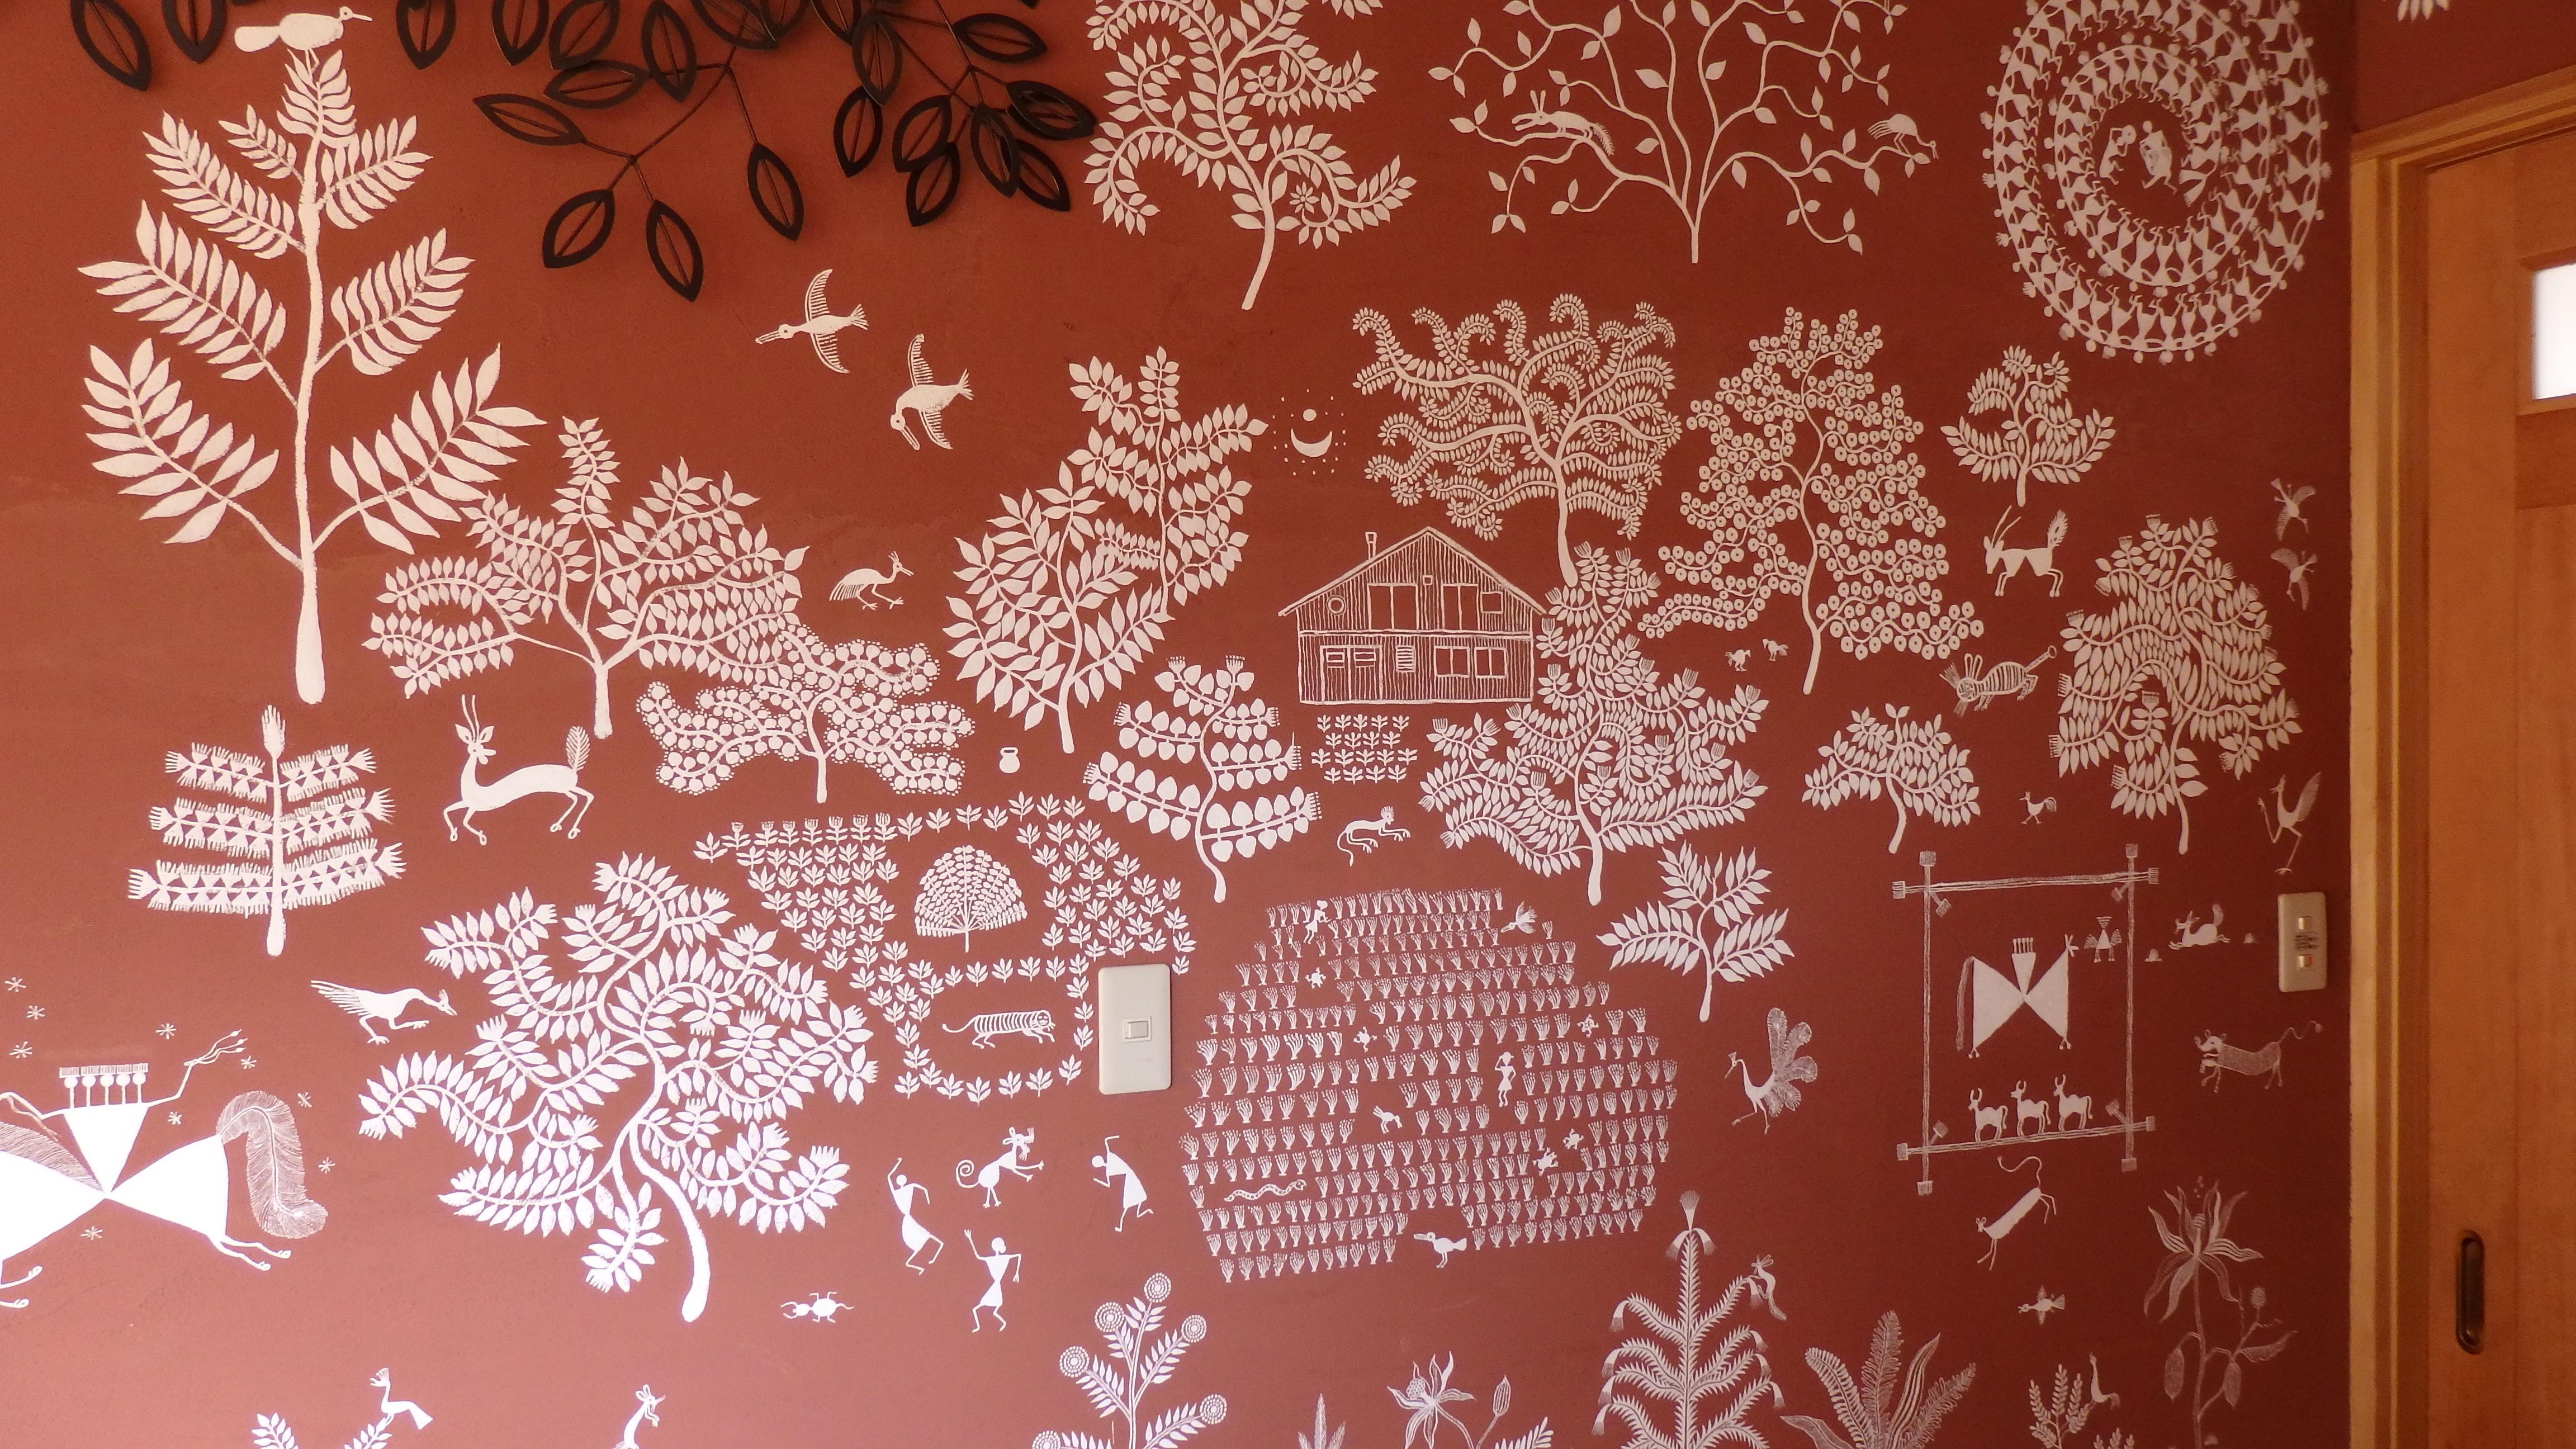 インド・ワルリー画風に壁に描いた絵も、蔵前さんが自身で仕上げた